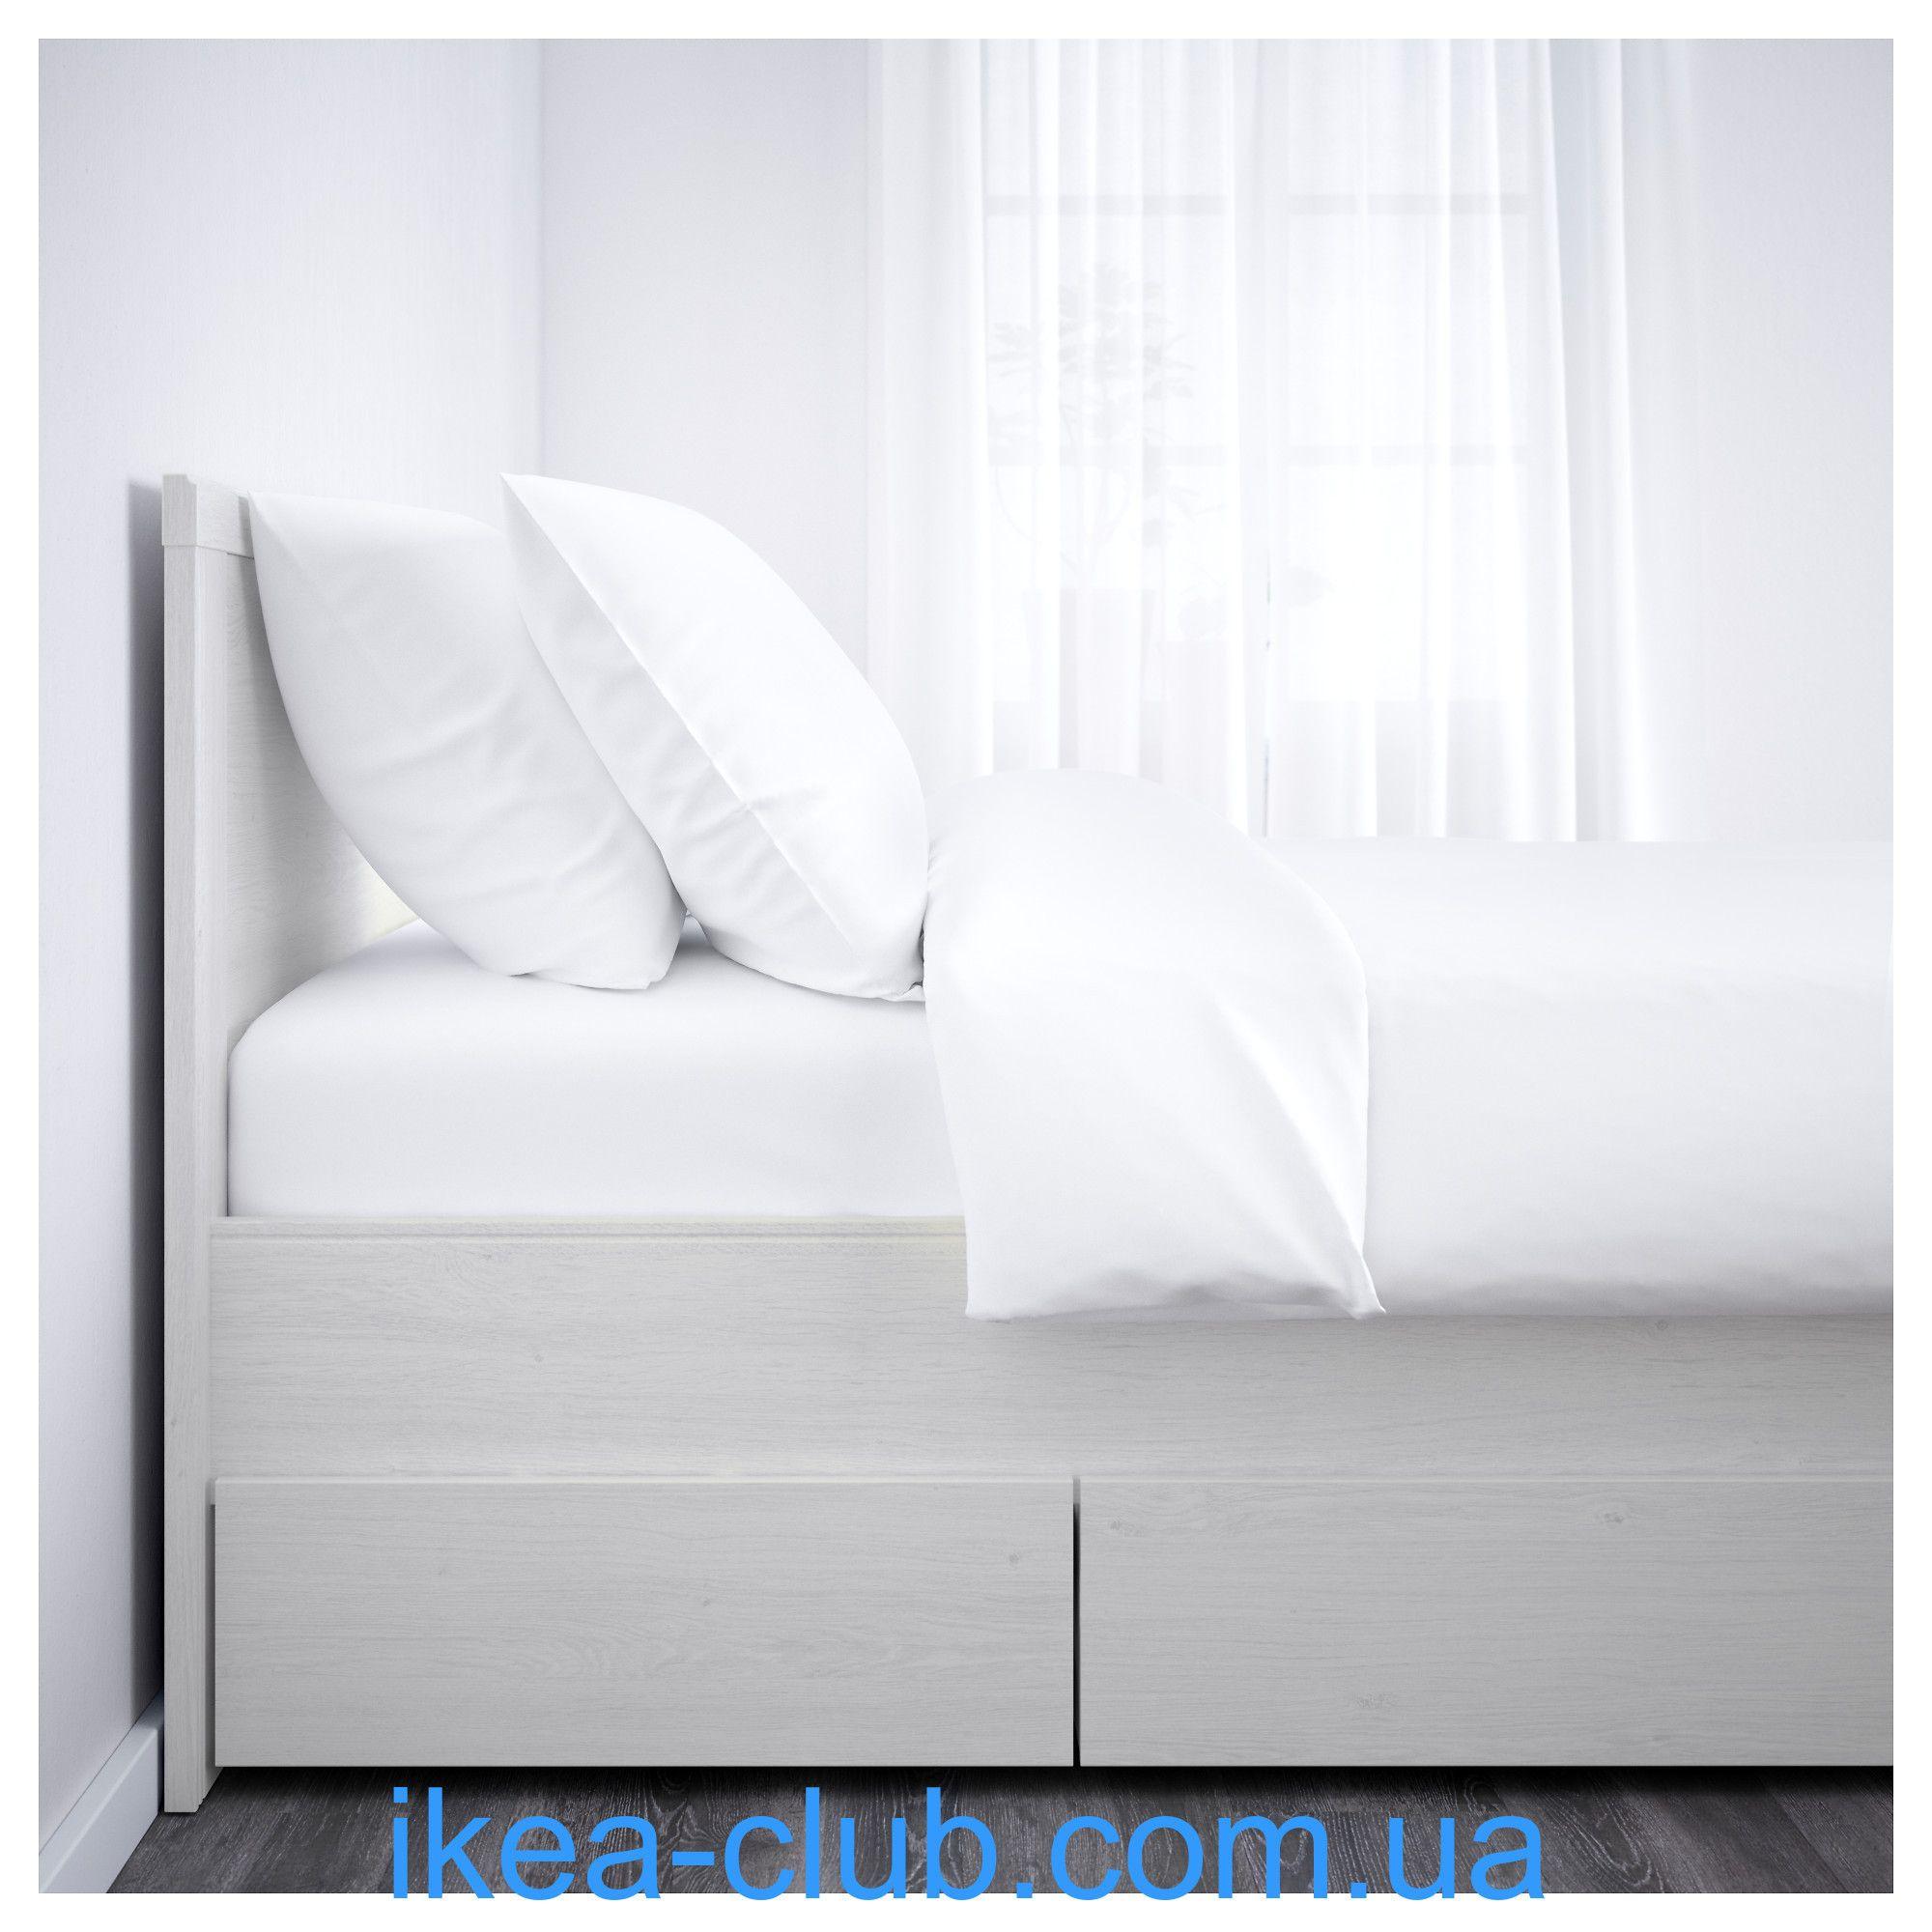 IKEA 490.196.87 | Interior | Pinterest